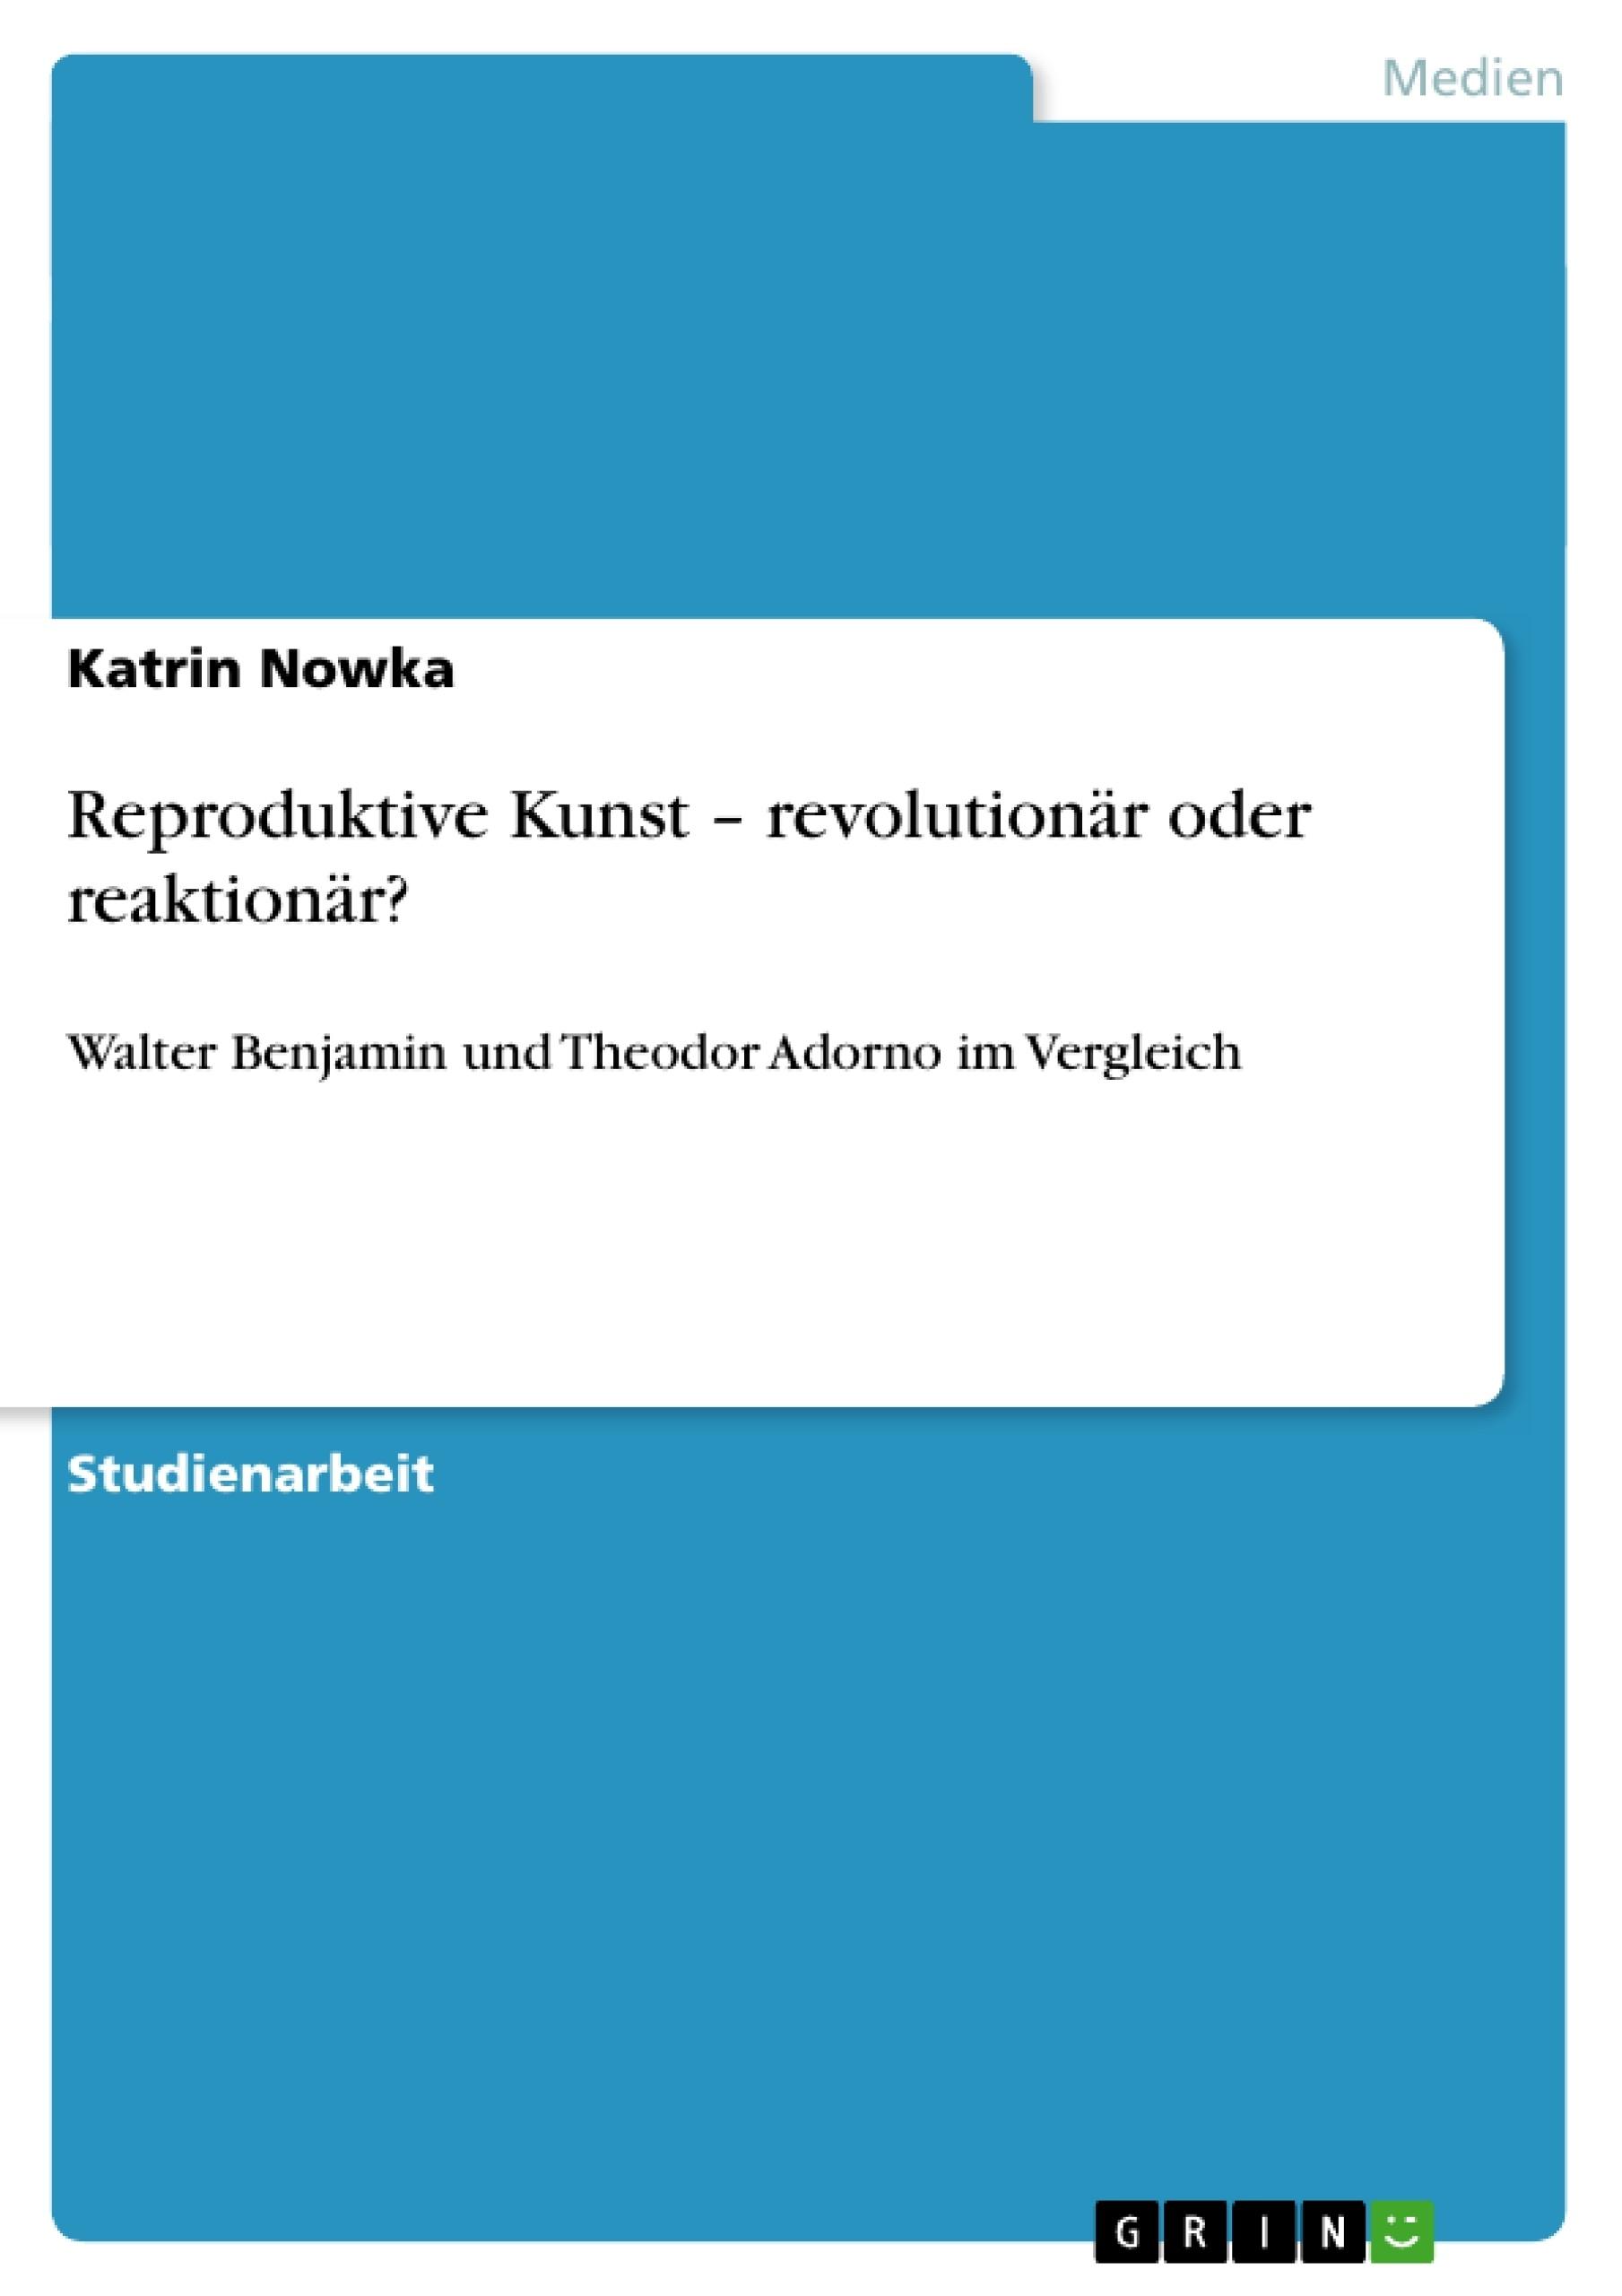 Titel: Reproduktive Kunst – revolutionär oder reaktionär?